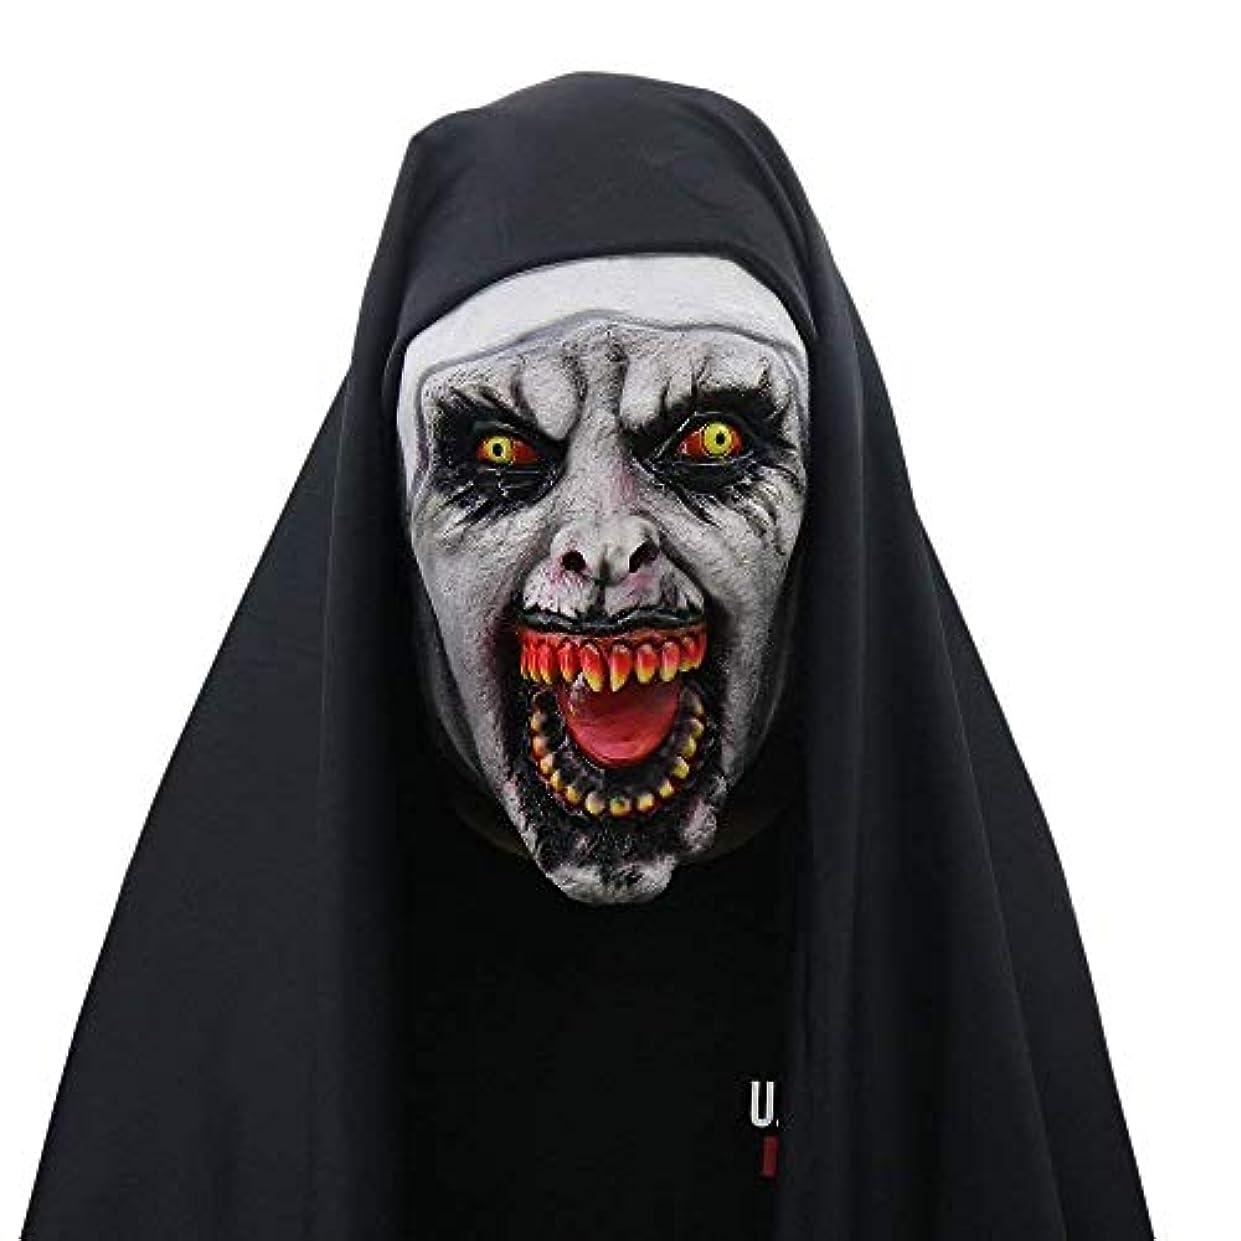 動く変化マイクロ女性のためのハロウィン修道女の衣装、修道女仮面の怖いベール